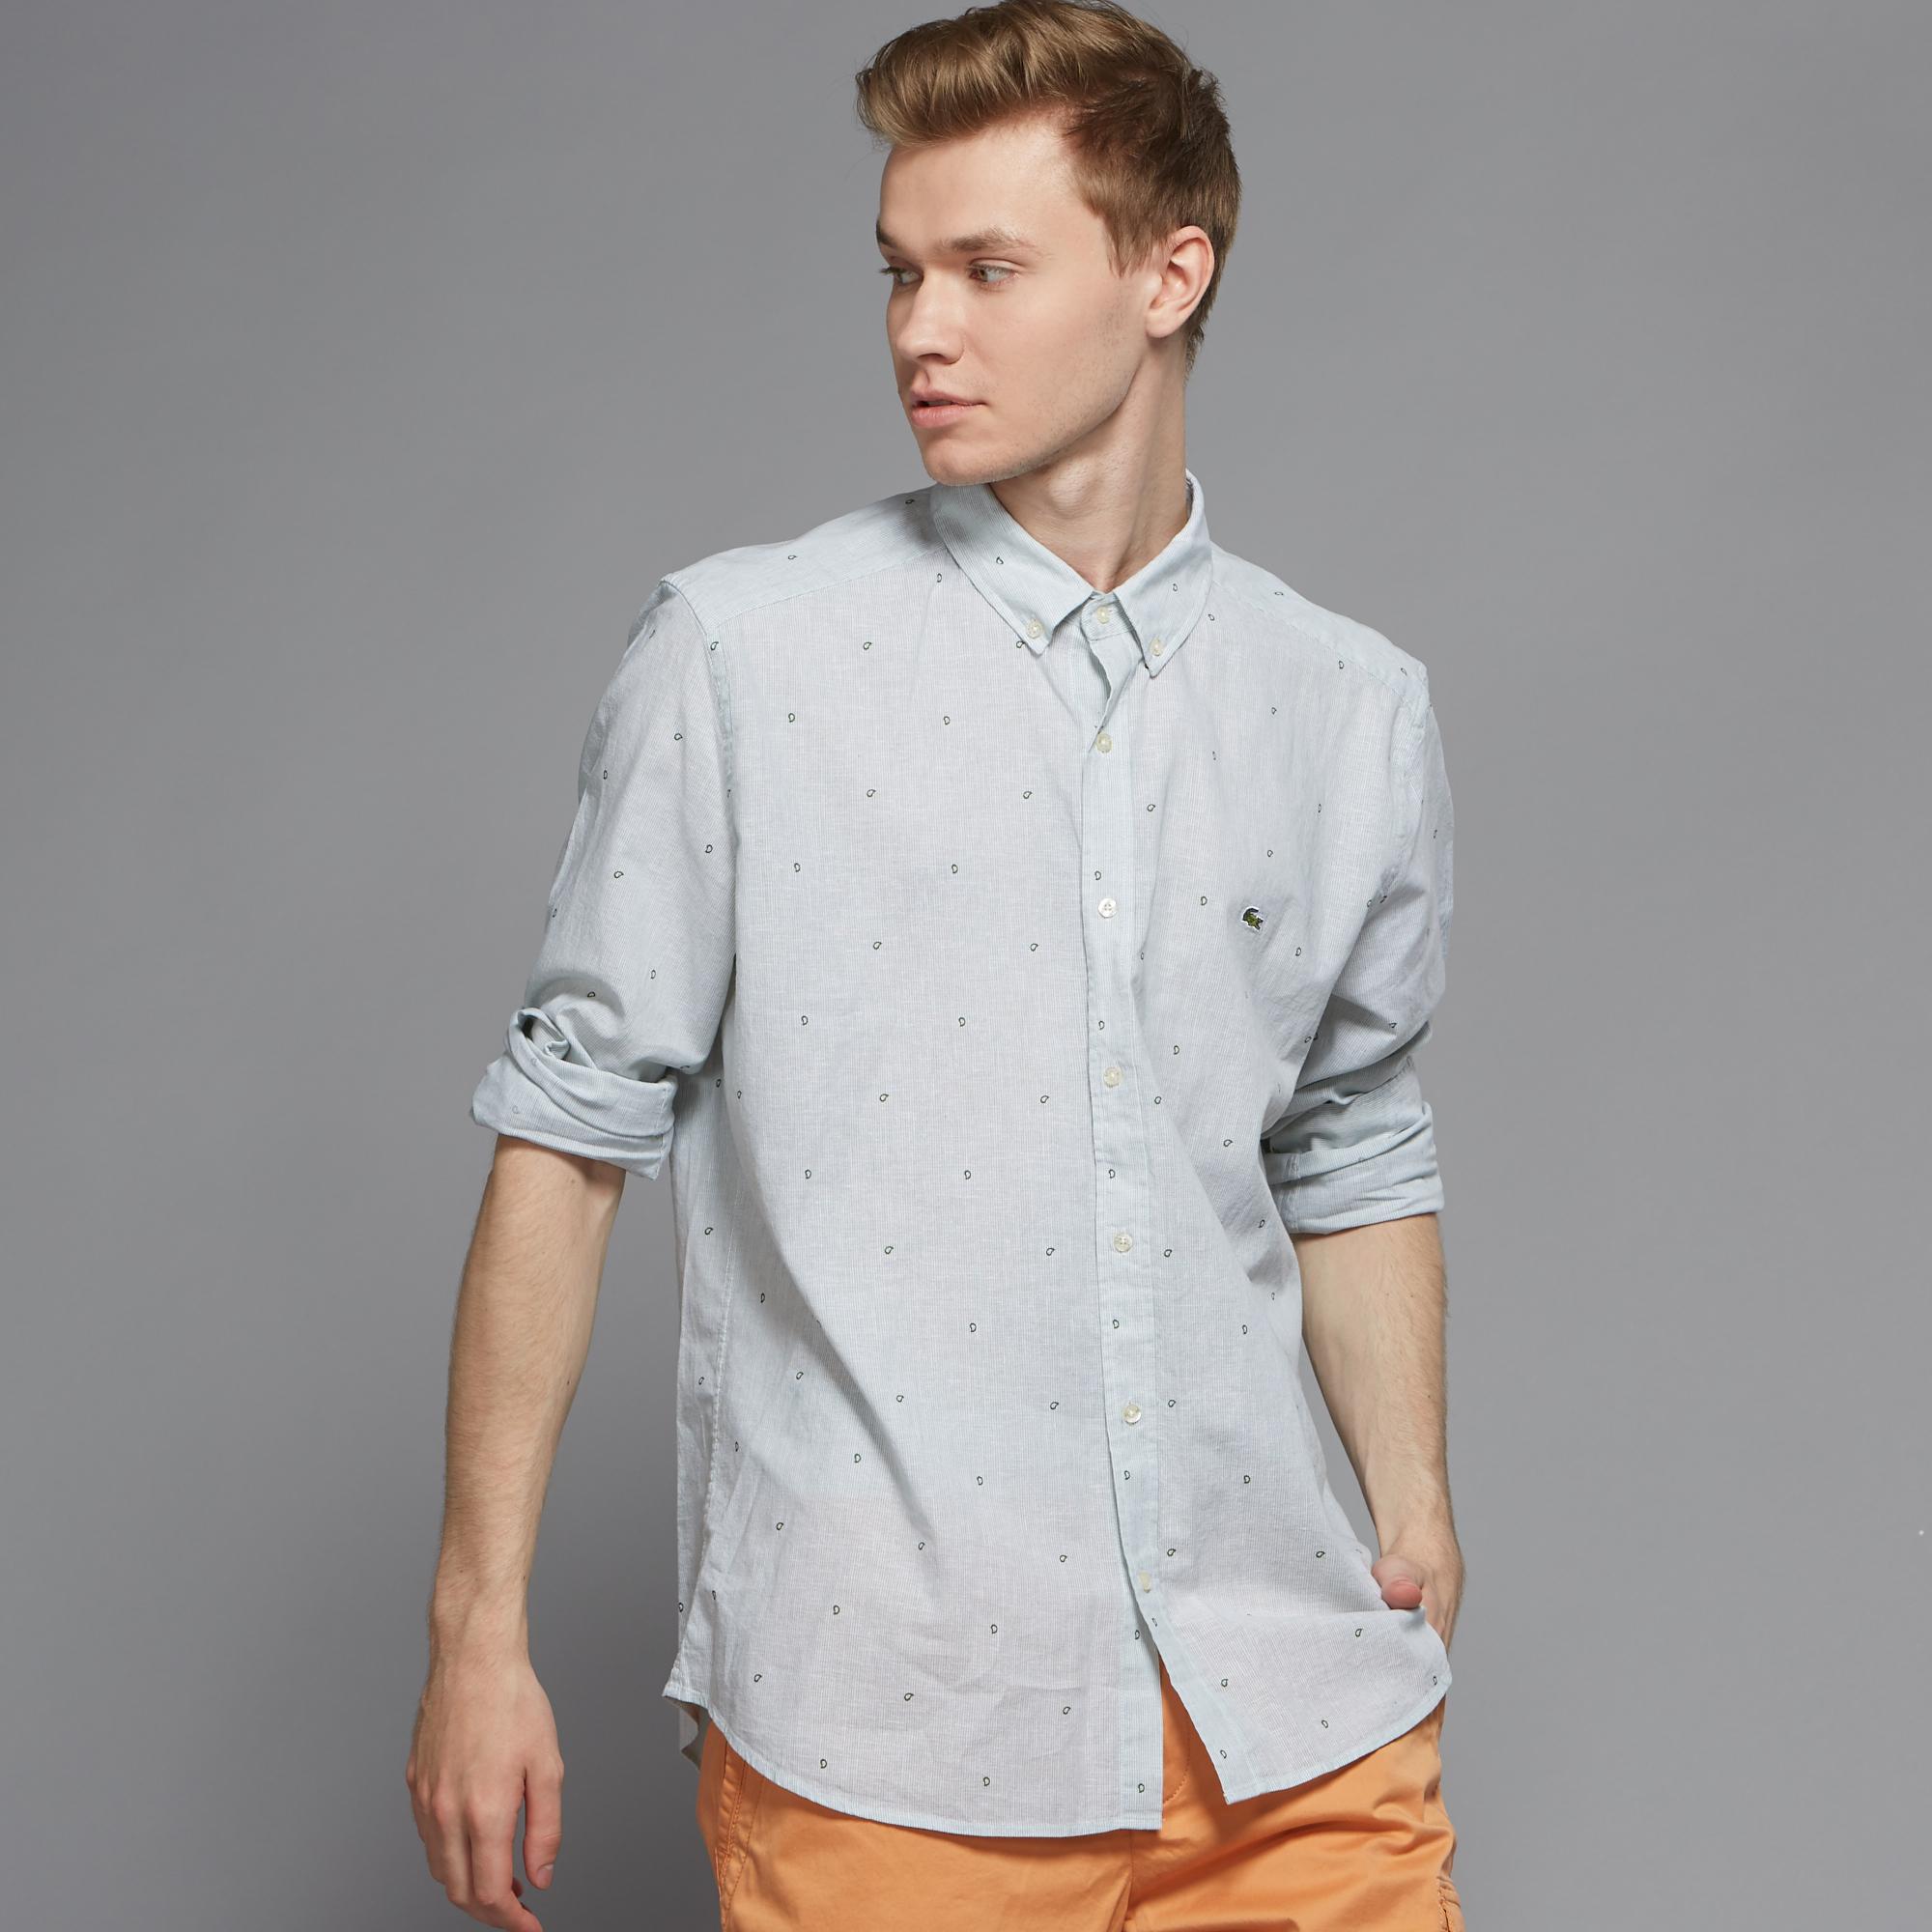 Рубашка Lacoste Regular fitРубашки<br>Детали: стильная мужская рубашка из хлопка и льна  \ Материал: 70% хлопок 30% лен \ Страна производства: Турция